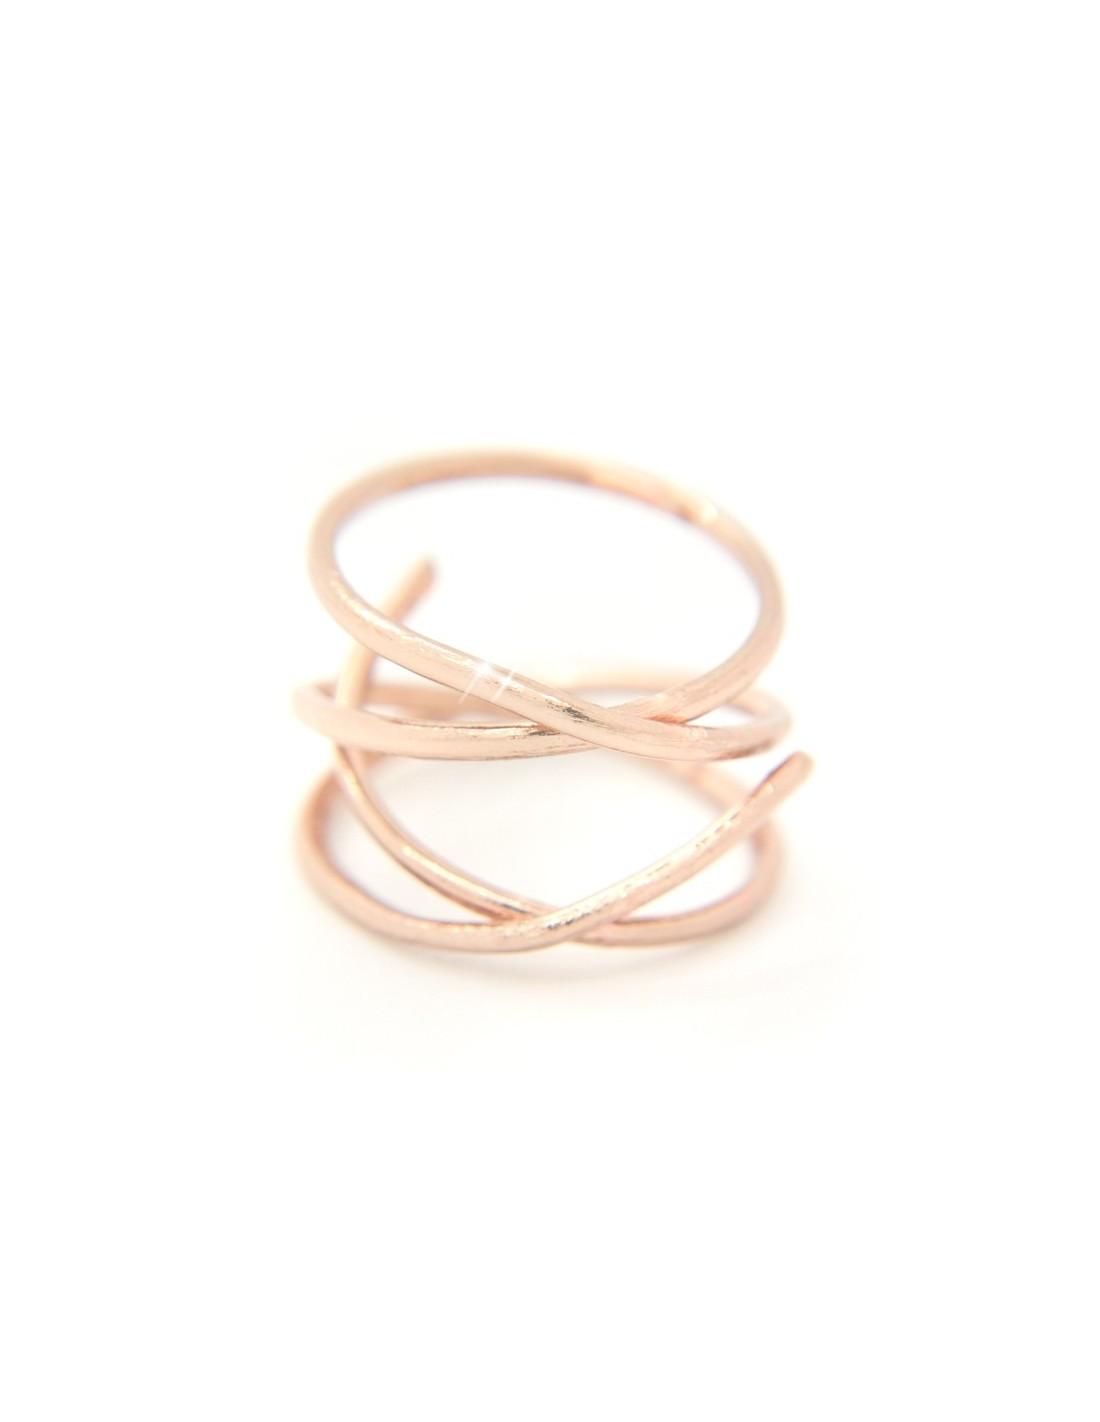 Δαχτυλίδι αρχαιοελληνικό από βουρτσισμένο ροζ επίχρυσο μπρούτζο OZI  R20140735 68e4e3eb9ba